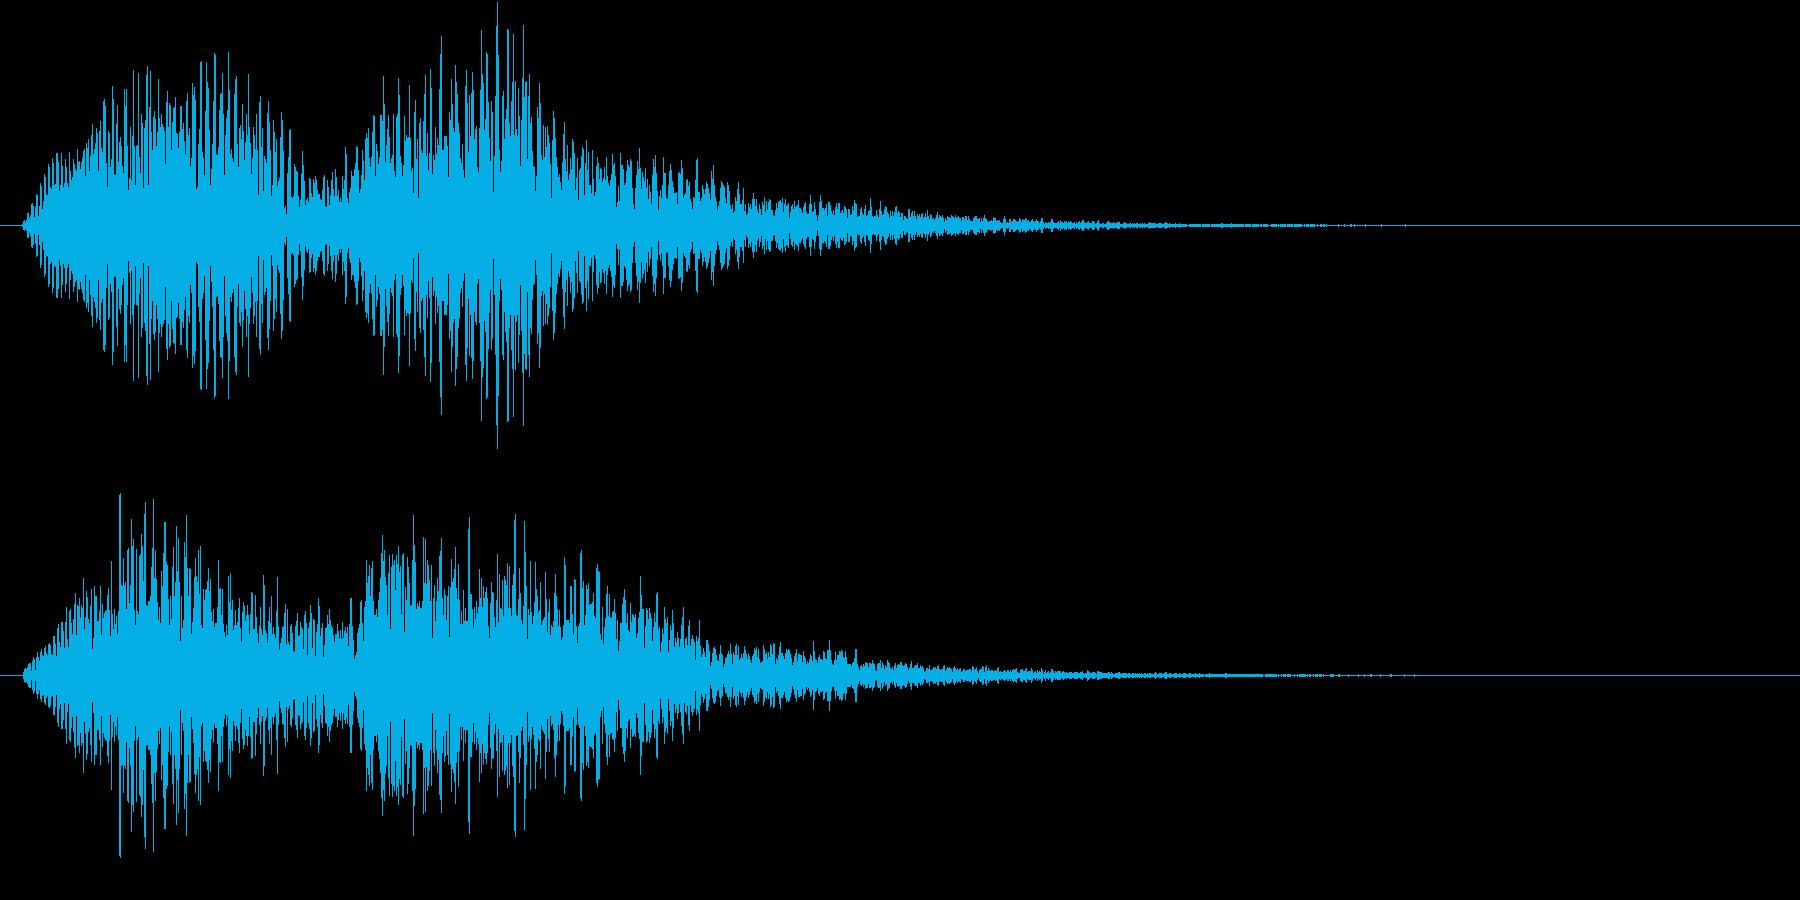 フワーン、フワー(サウンドロゴ、ゲーム)の再生済みの波形